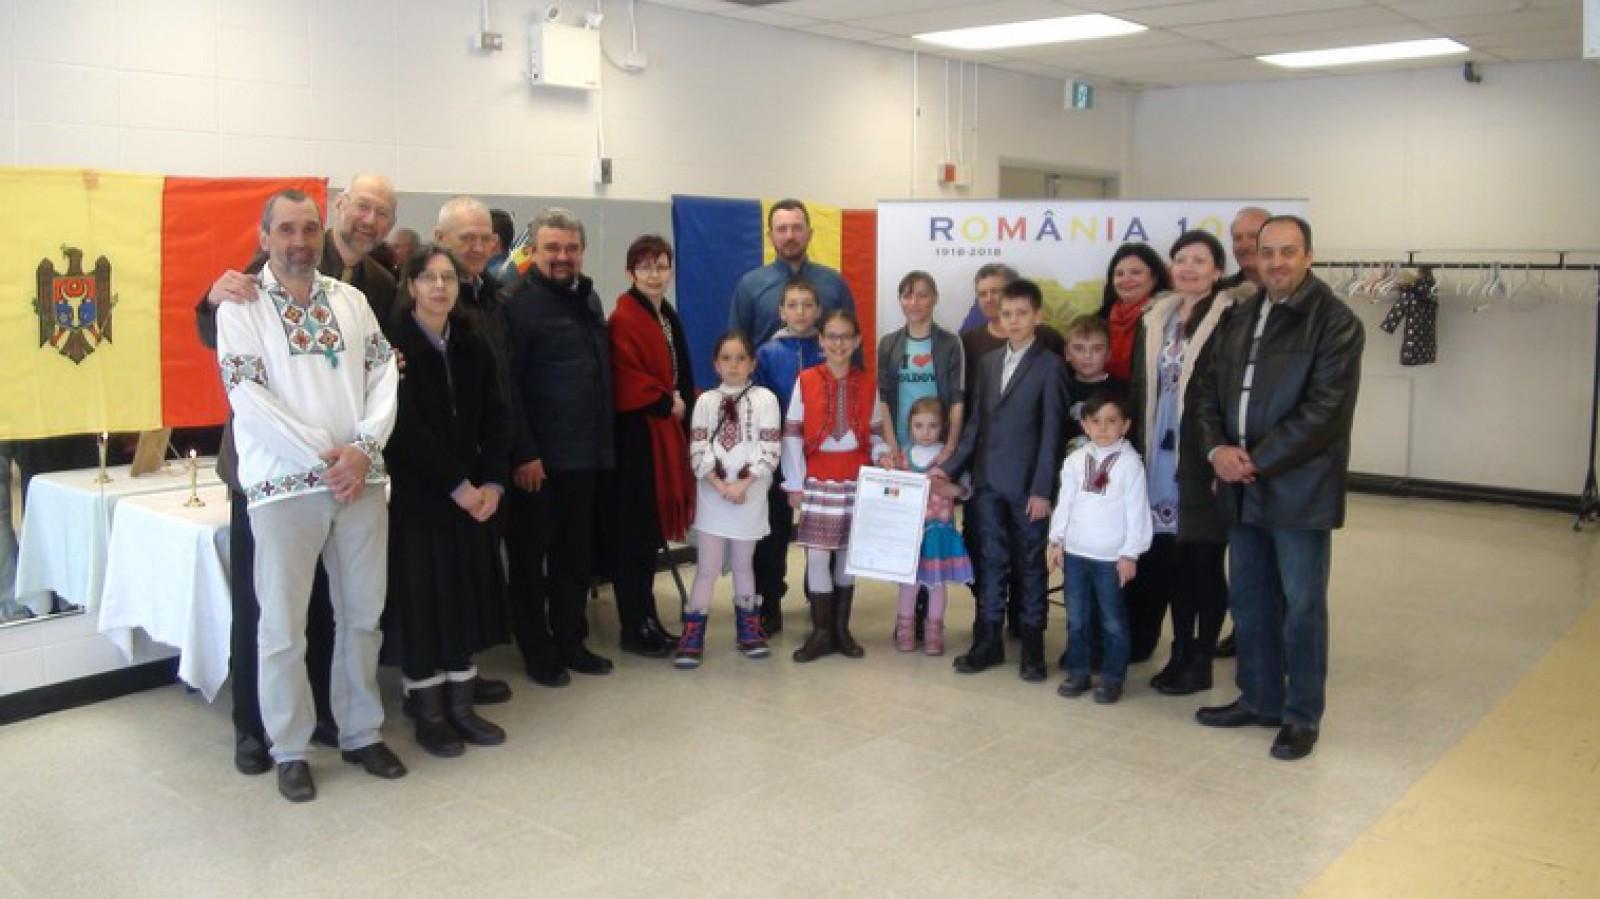 Unirea a trecut oceanul: Diaspora din Canada a înfăptuit o Declarație de Reunire și urmează să fie înaintată în cele două Parlamente